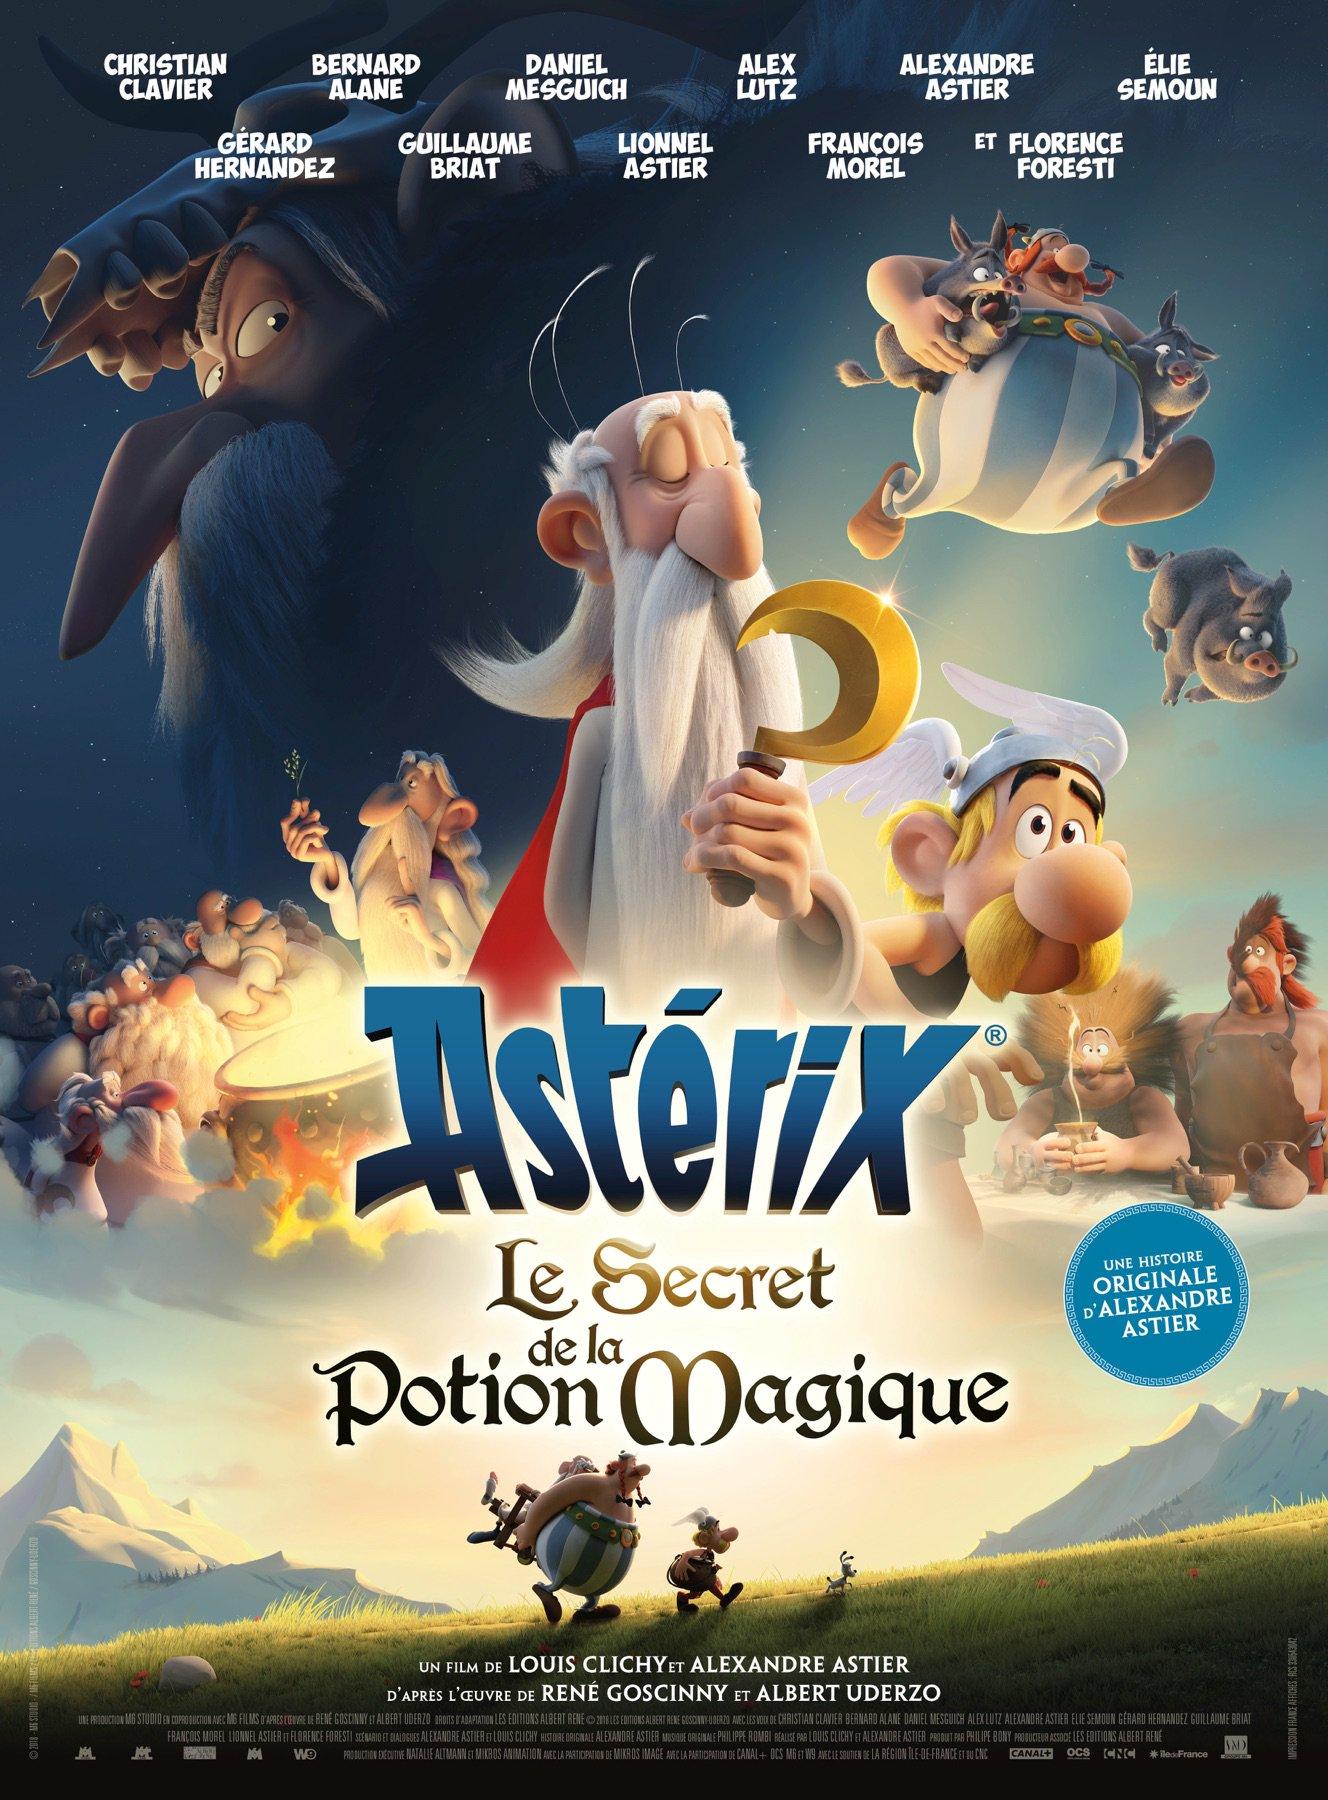 Nouvelle affiche du film Astérix et Le Secret de la Potion Magique écrit par Alexandre Astier. On y voit tous les personnages avec au centre Panoramix tenant sa fameuse serpe d'or, un peu à la manière d'une affiche de film d'aventure à l'ancienne comme celles de Star Wars